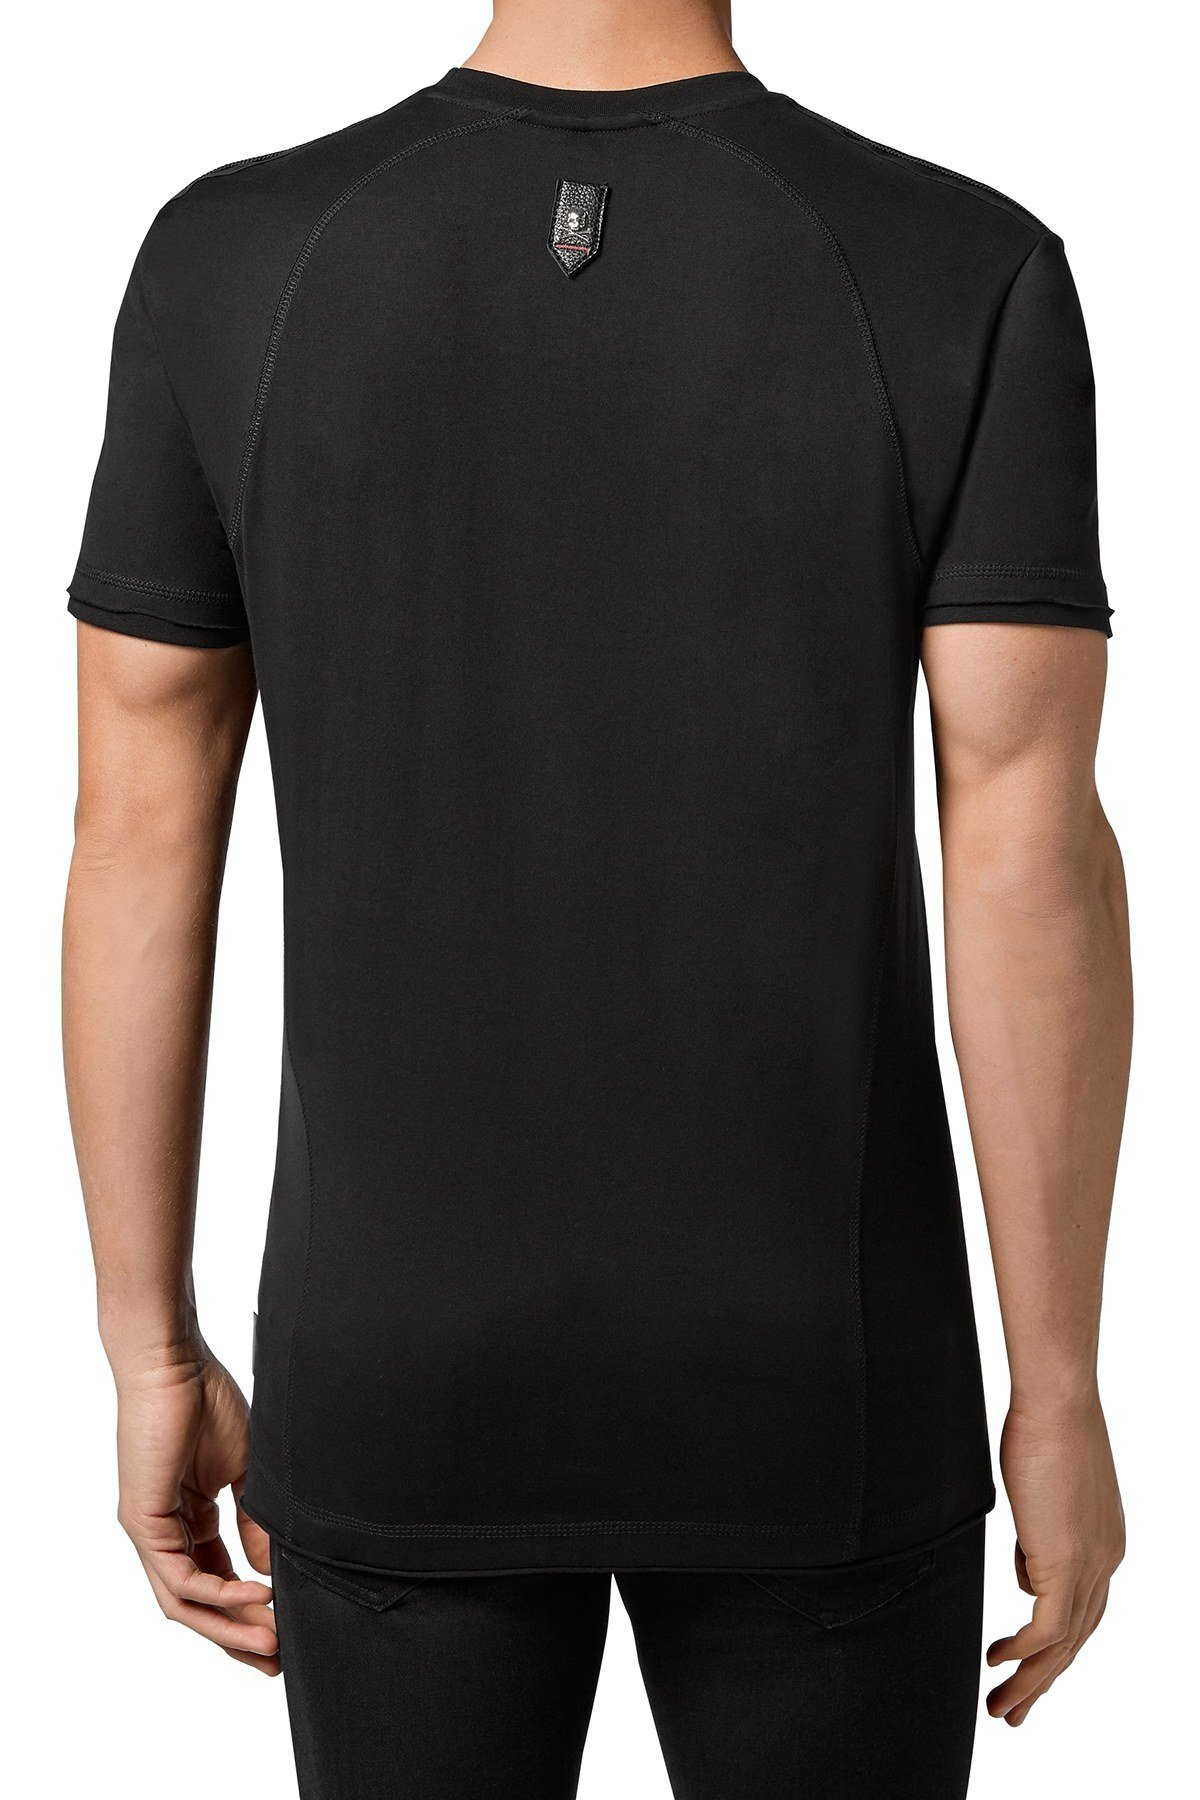 Philipp Plein Erkek T Shirt F20C MTK4587 PJY002N 02 SİYAH